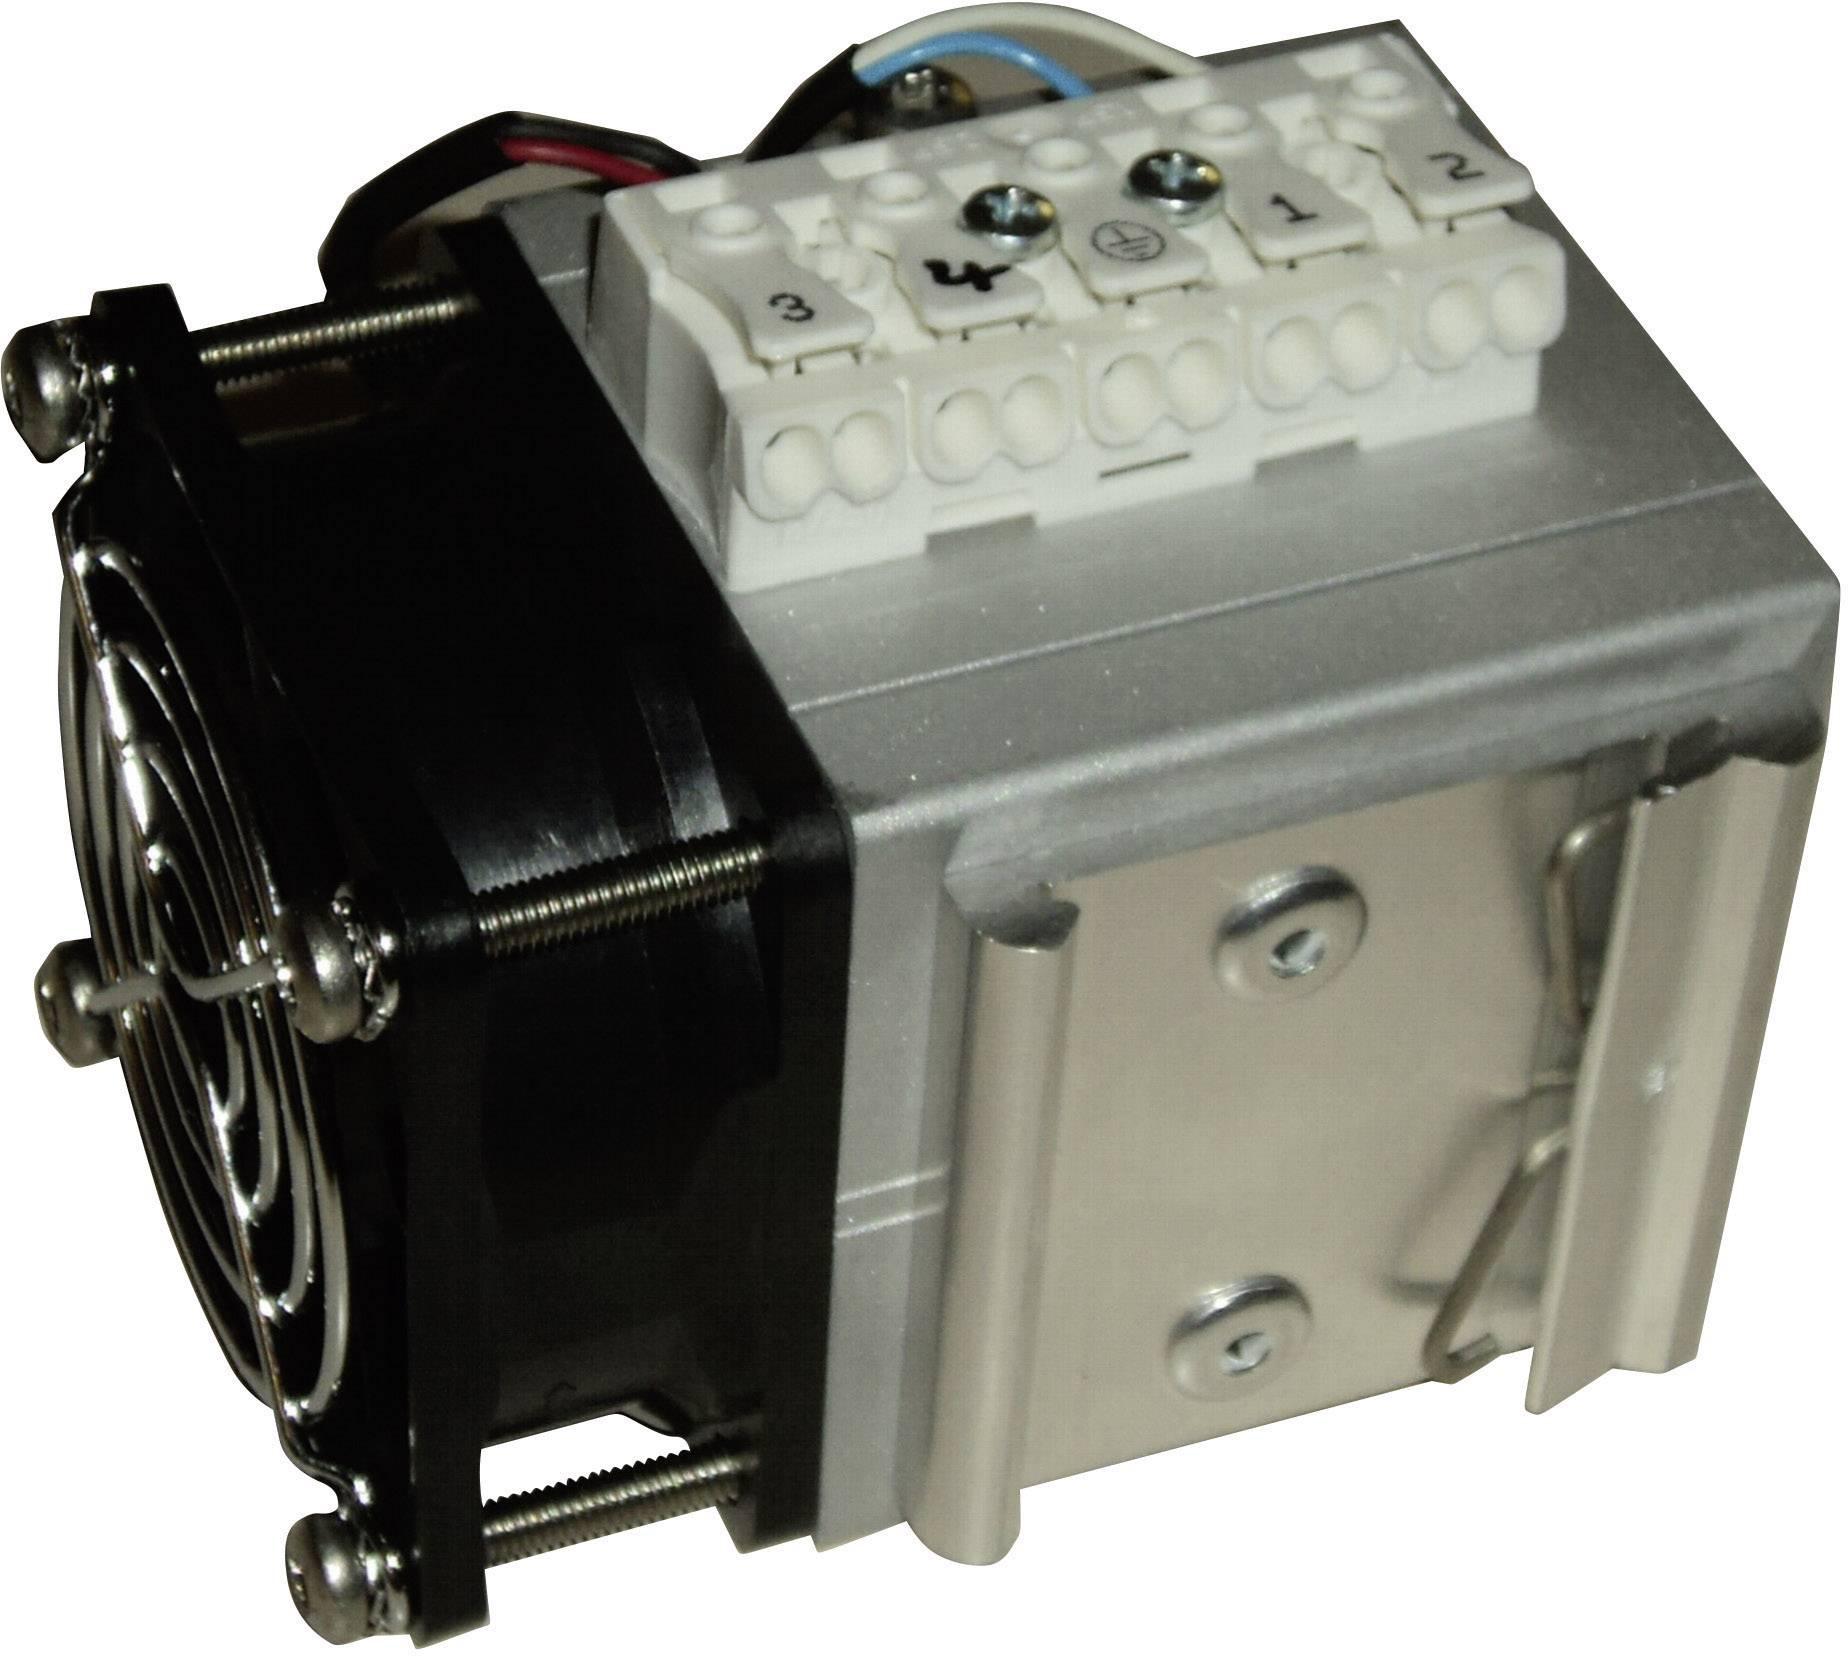 Vytápění s ventilátorem Rose LM Mixi (04310037A52), do rozvodných skříní, 100 W